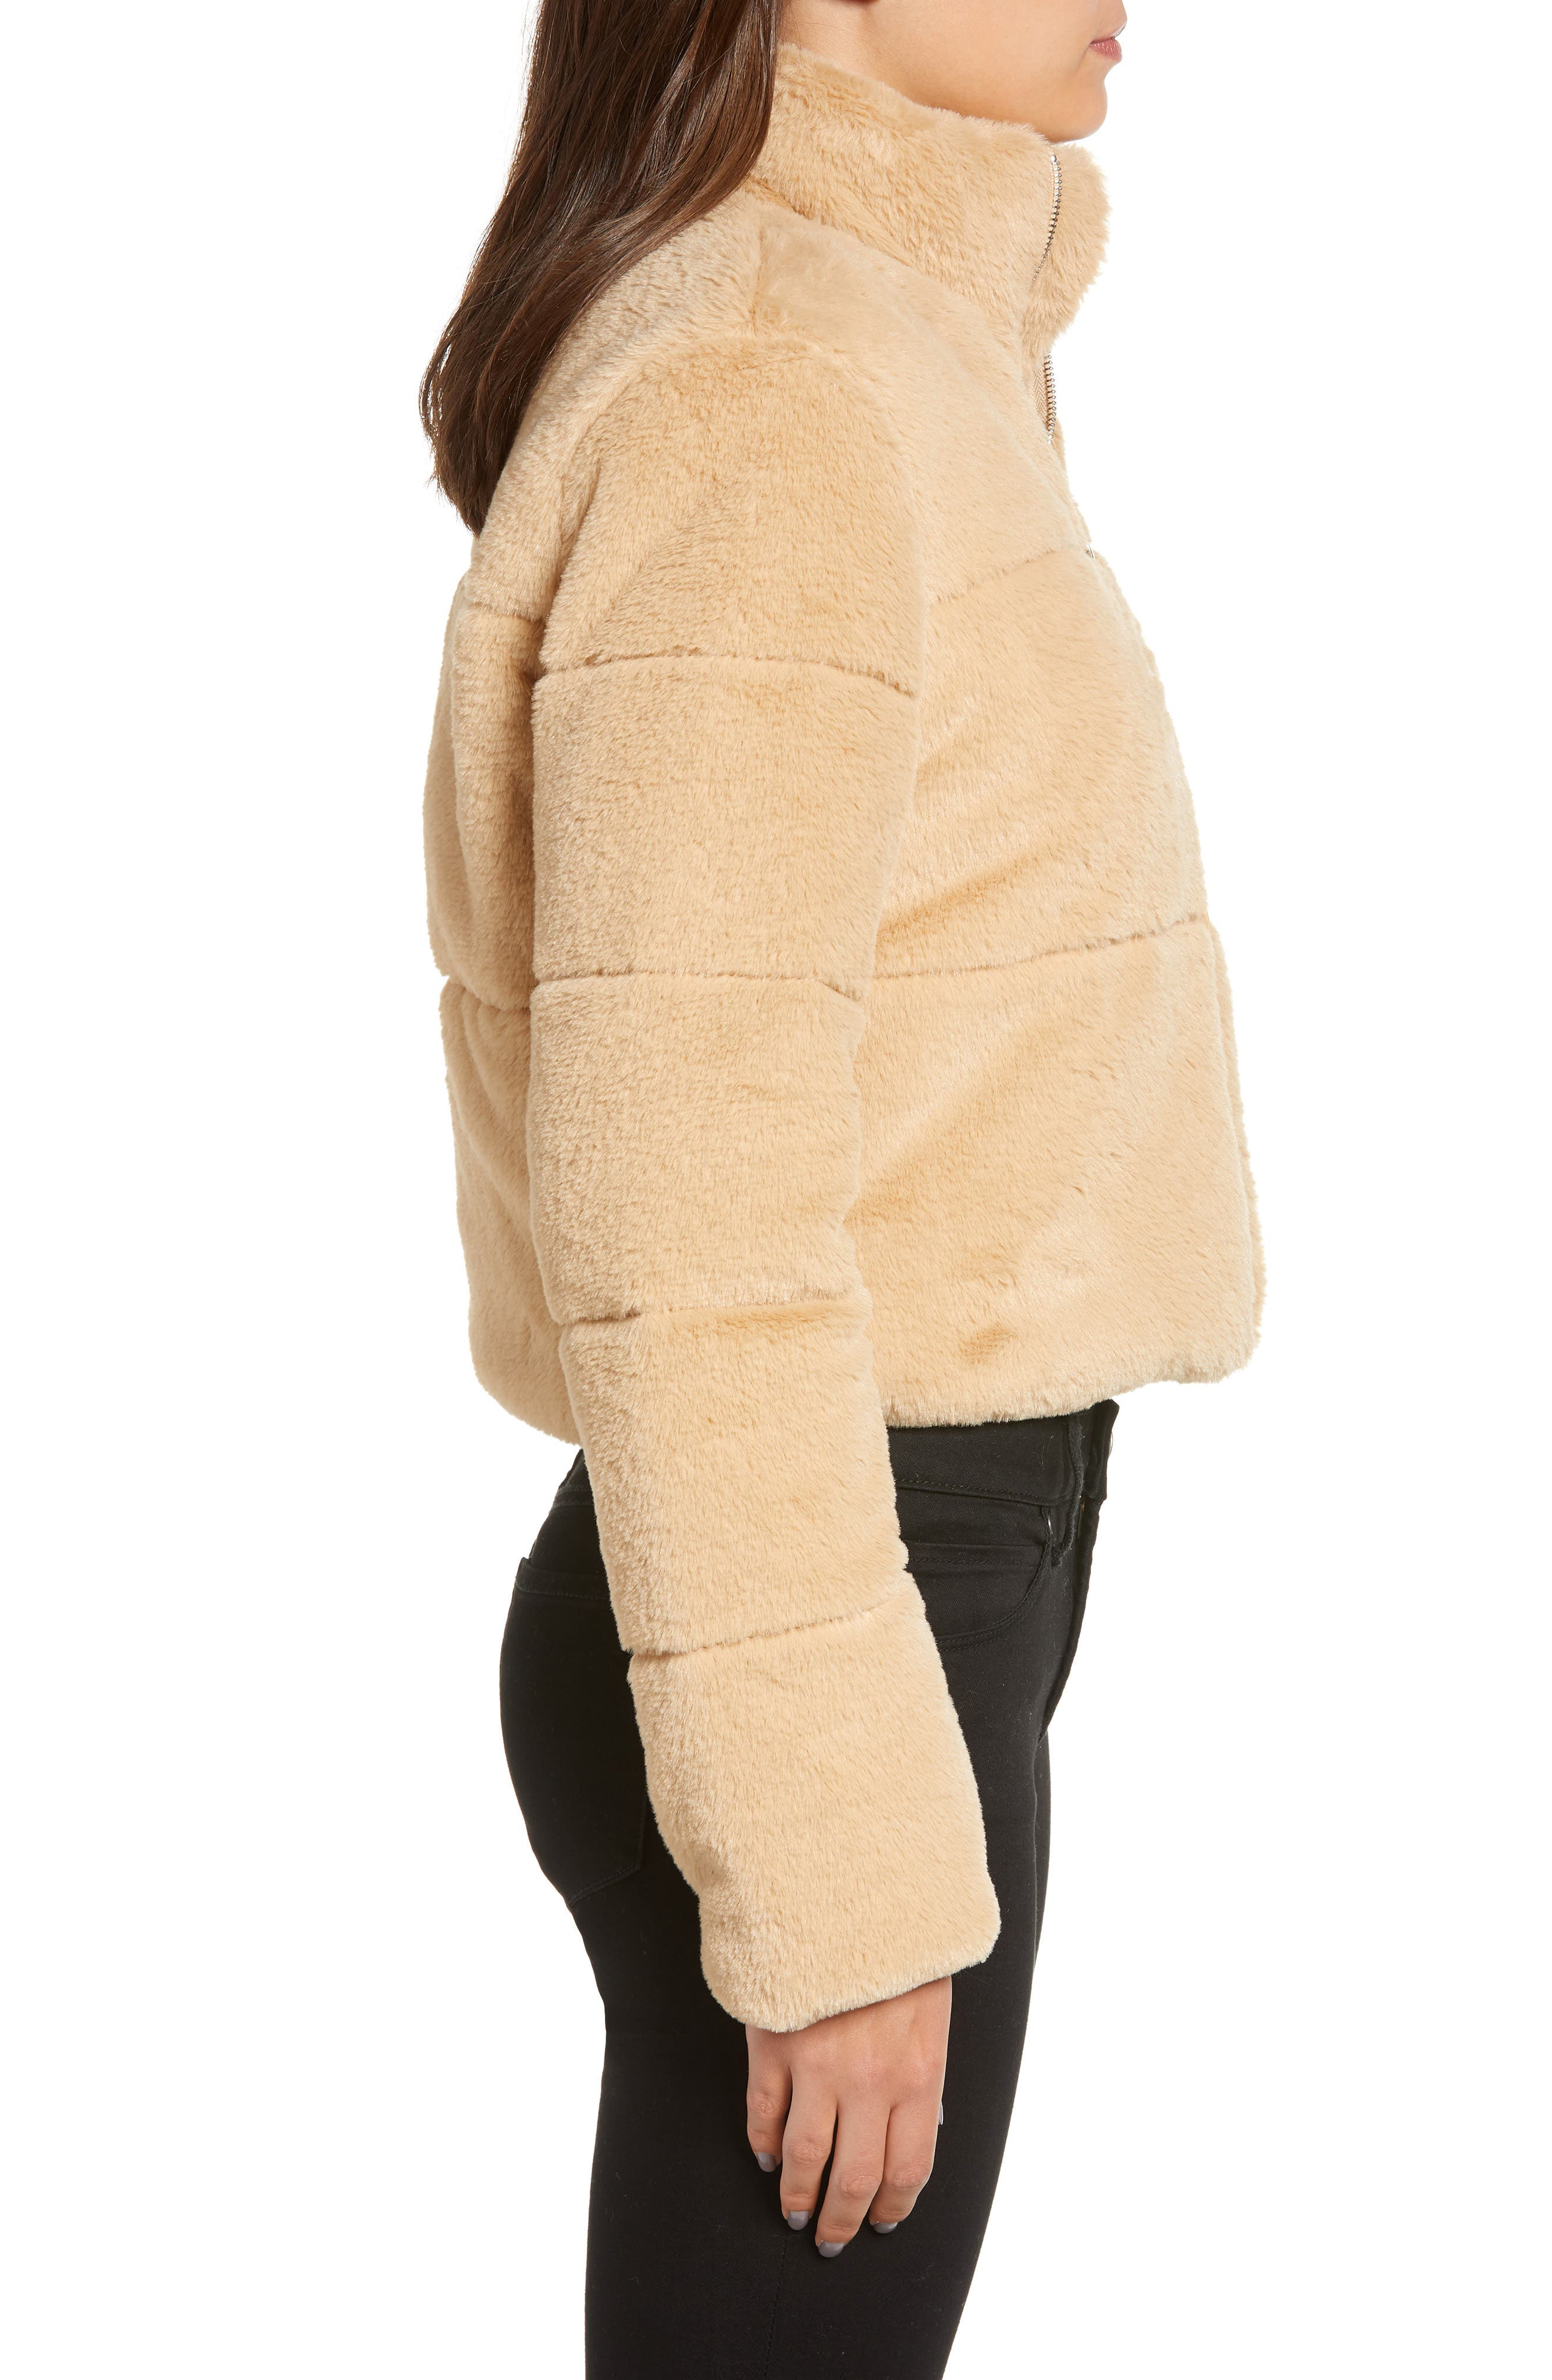 TIGER MIST, Bridget Faux Fur Puffer Jacket, Alternate thumbnail 4, color, 250